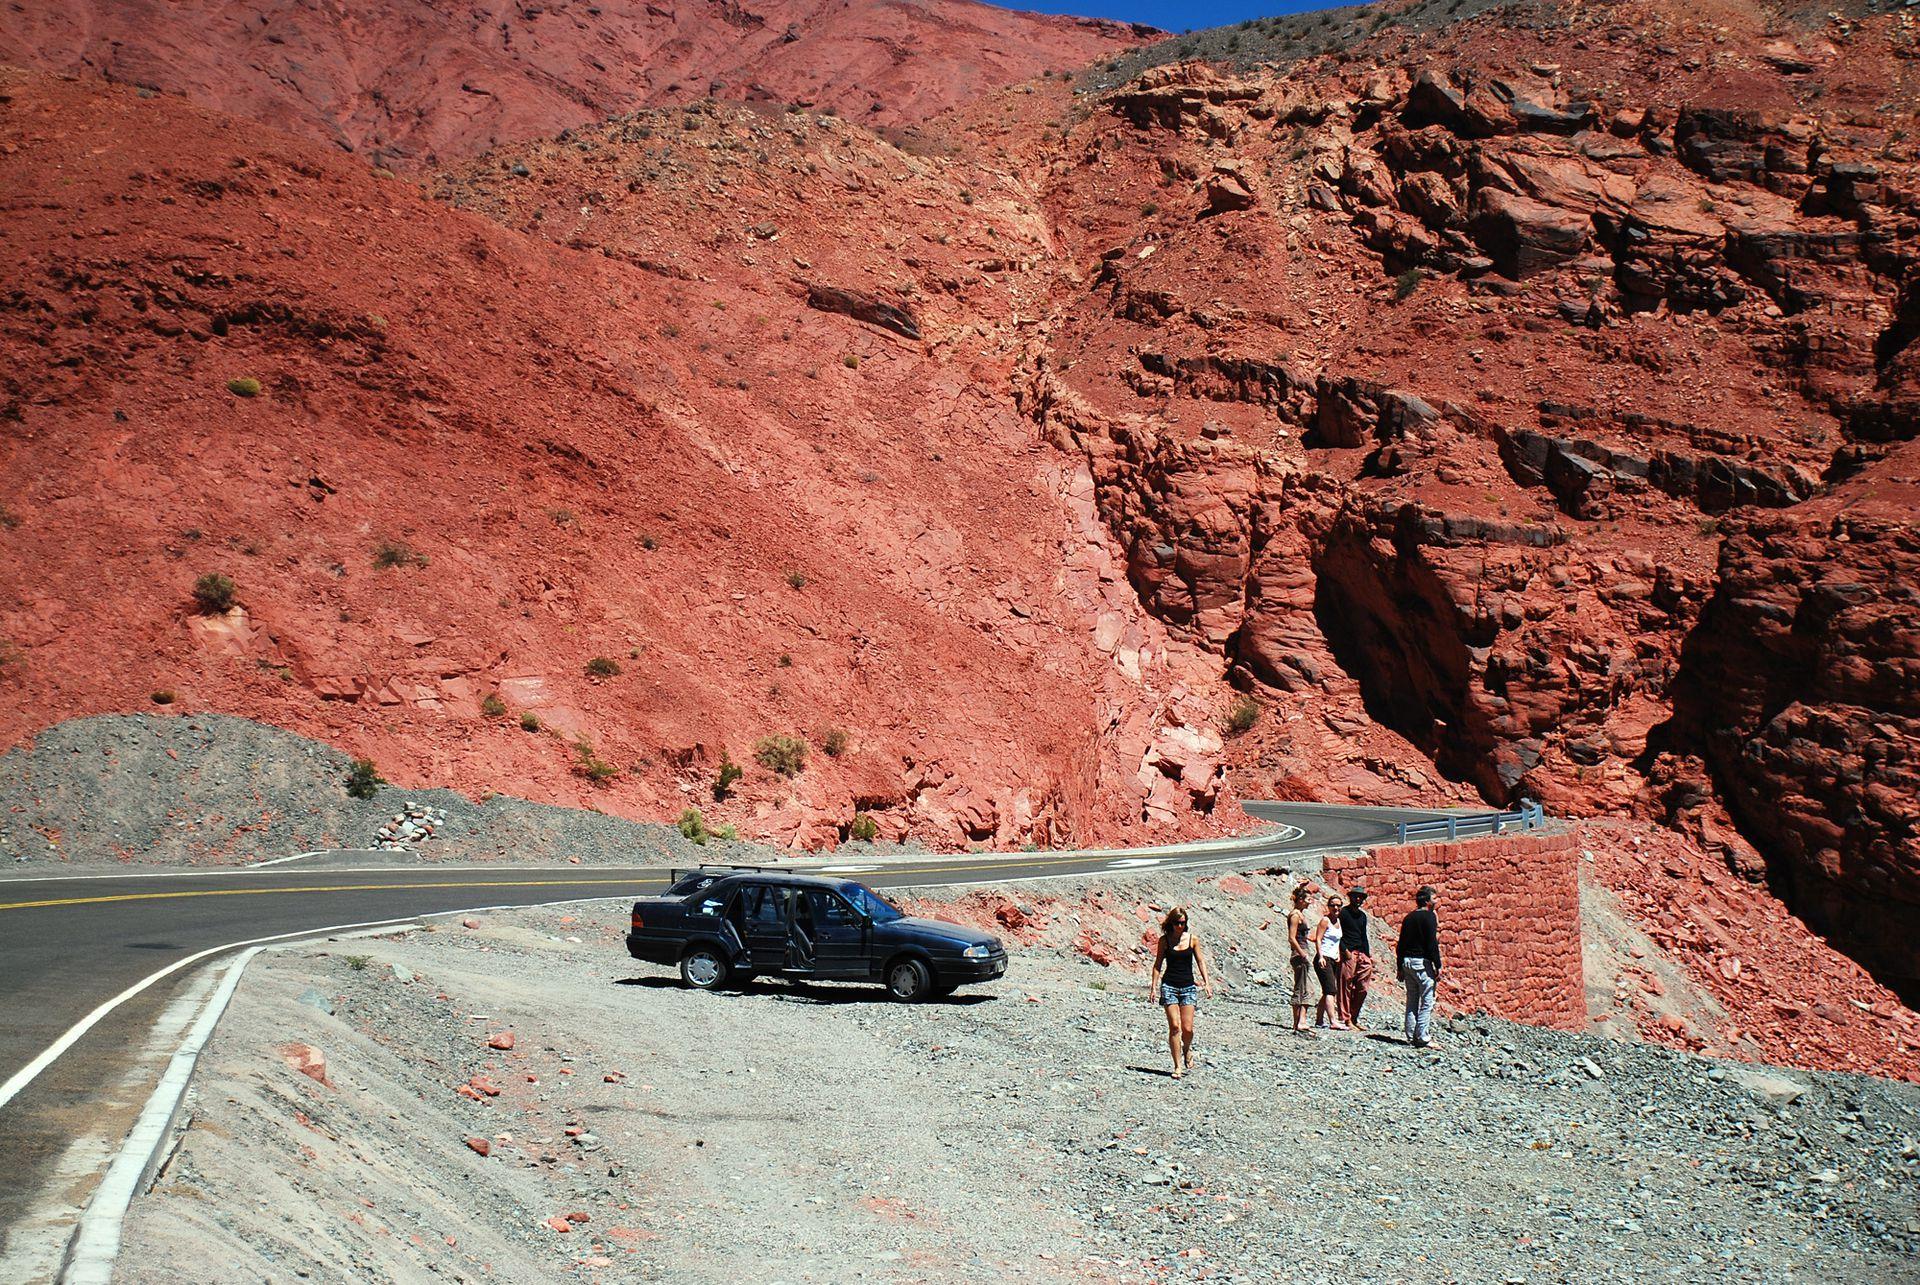 El paso de San Francisco es importante paso internacional, con asfalto del lado argentino, ripio del lado chileno y vistas panorámicas durante todo el recorrido.